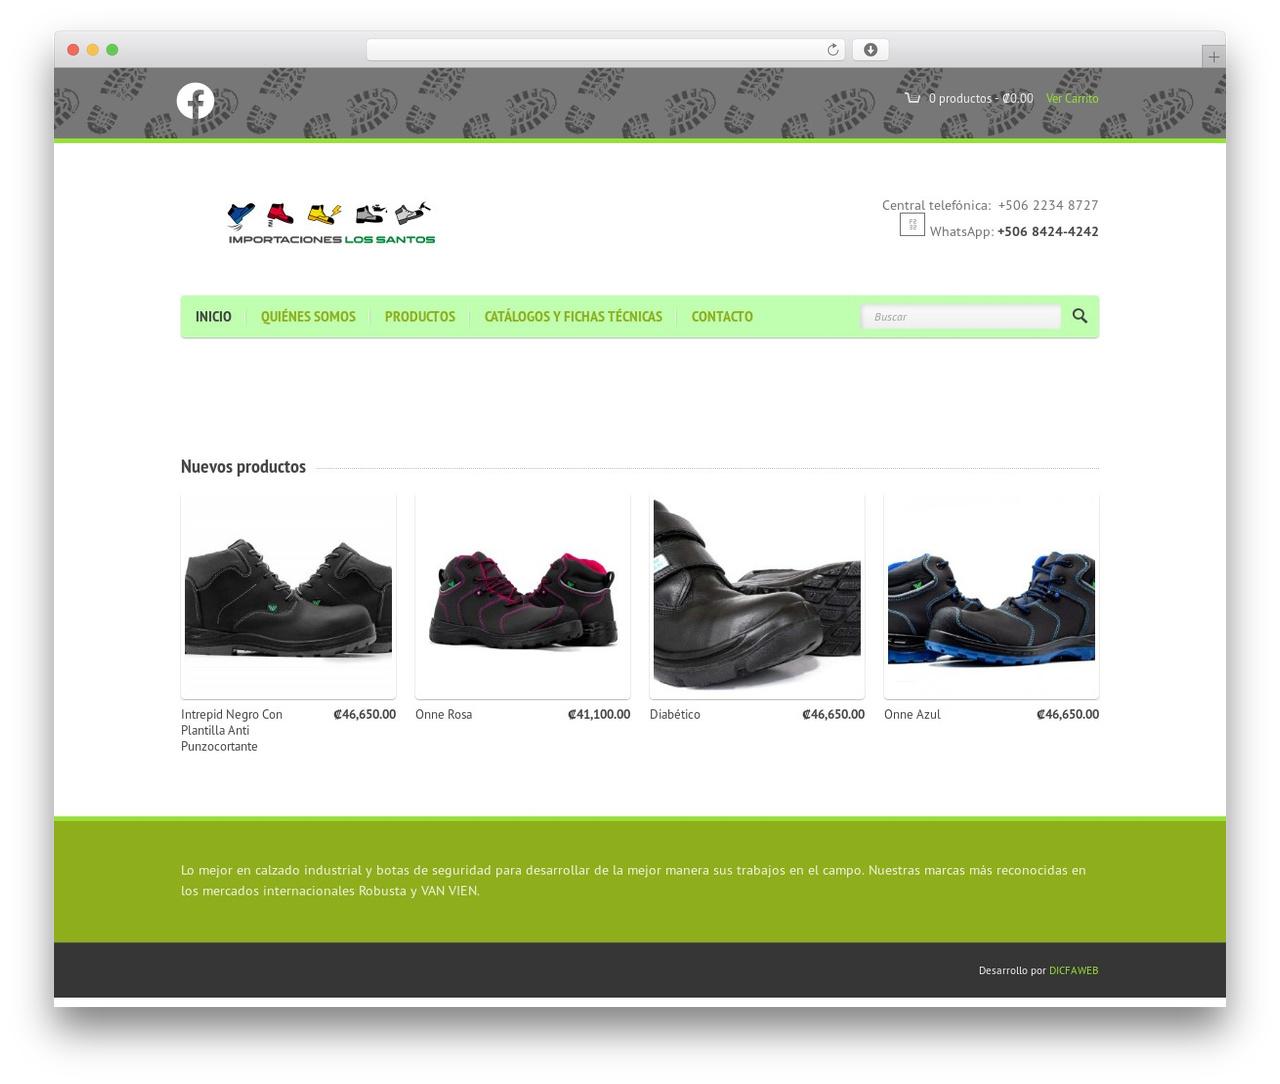 Theme WordPress Agora - importacioneslossantos.com